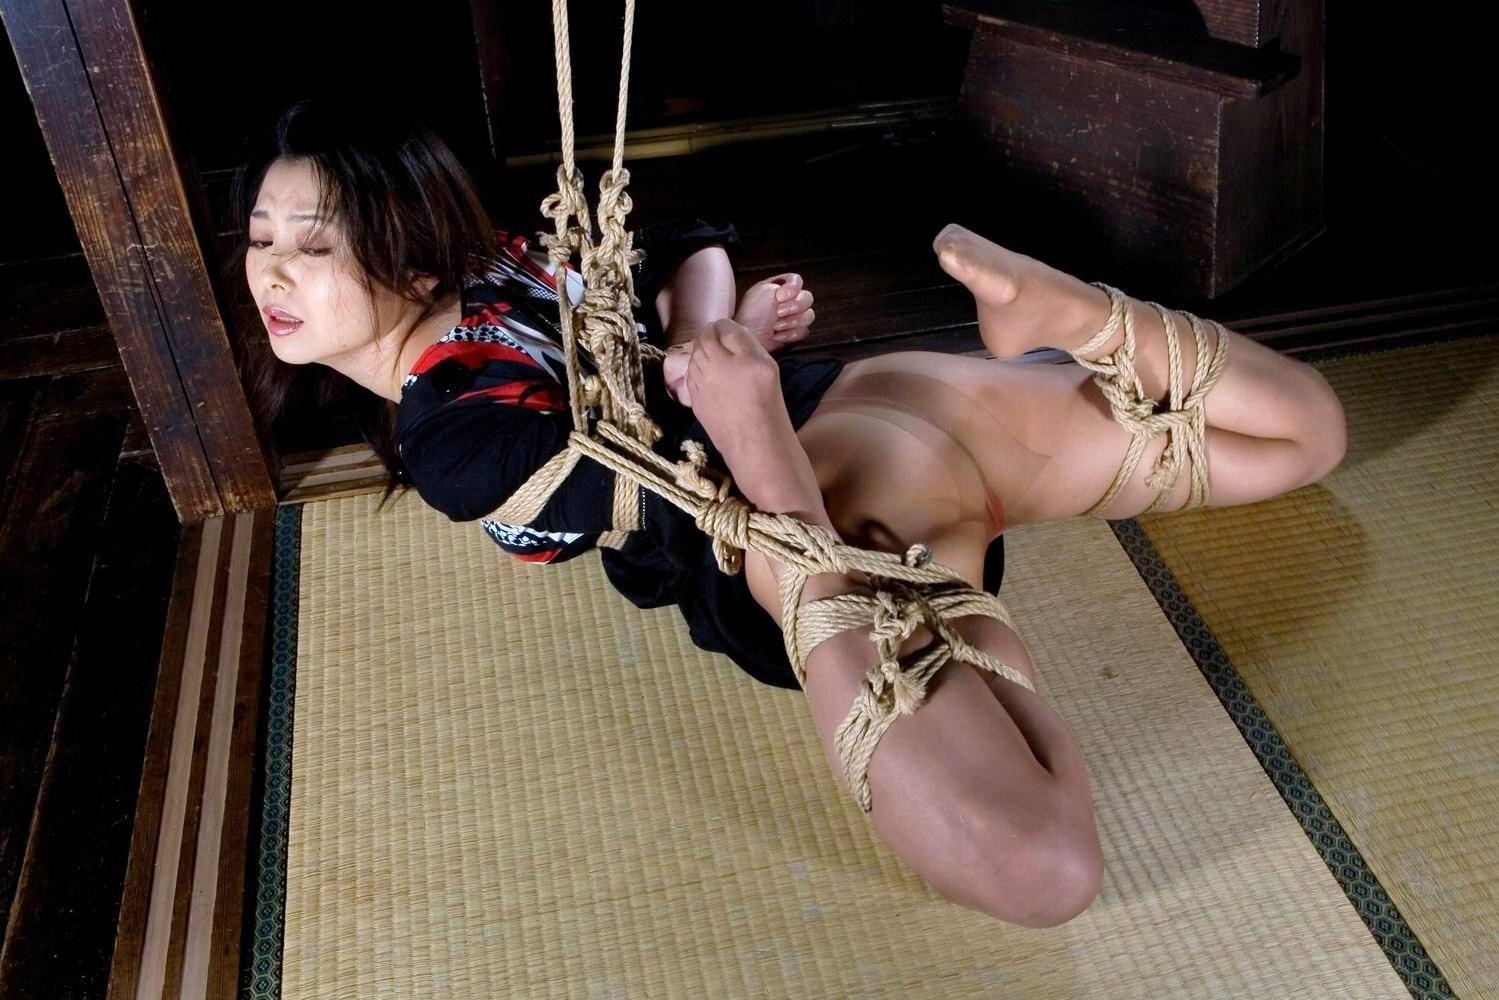 【SMエロ画像】揺れる度に苦痛…目覚めれば心地いいらしい宙吊り緊縛www 13